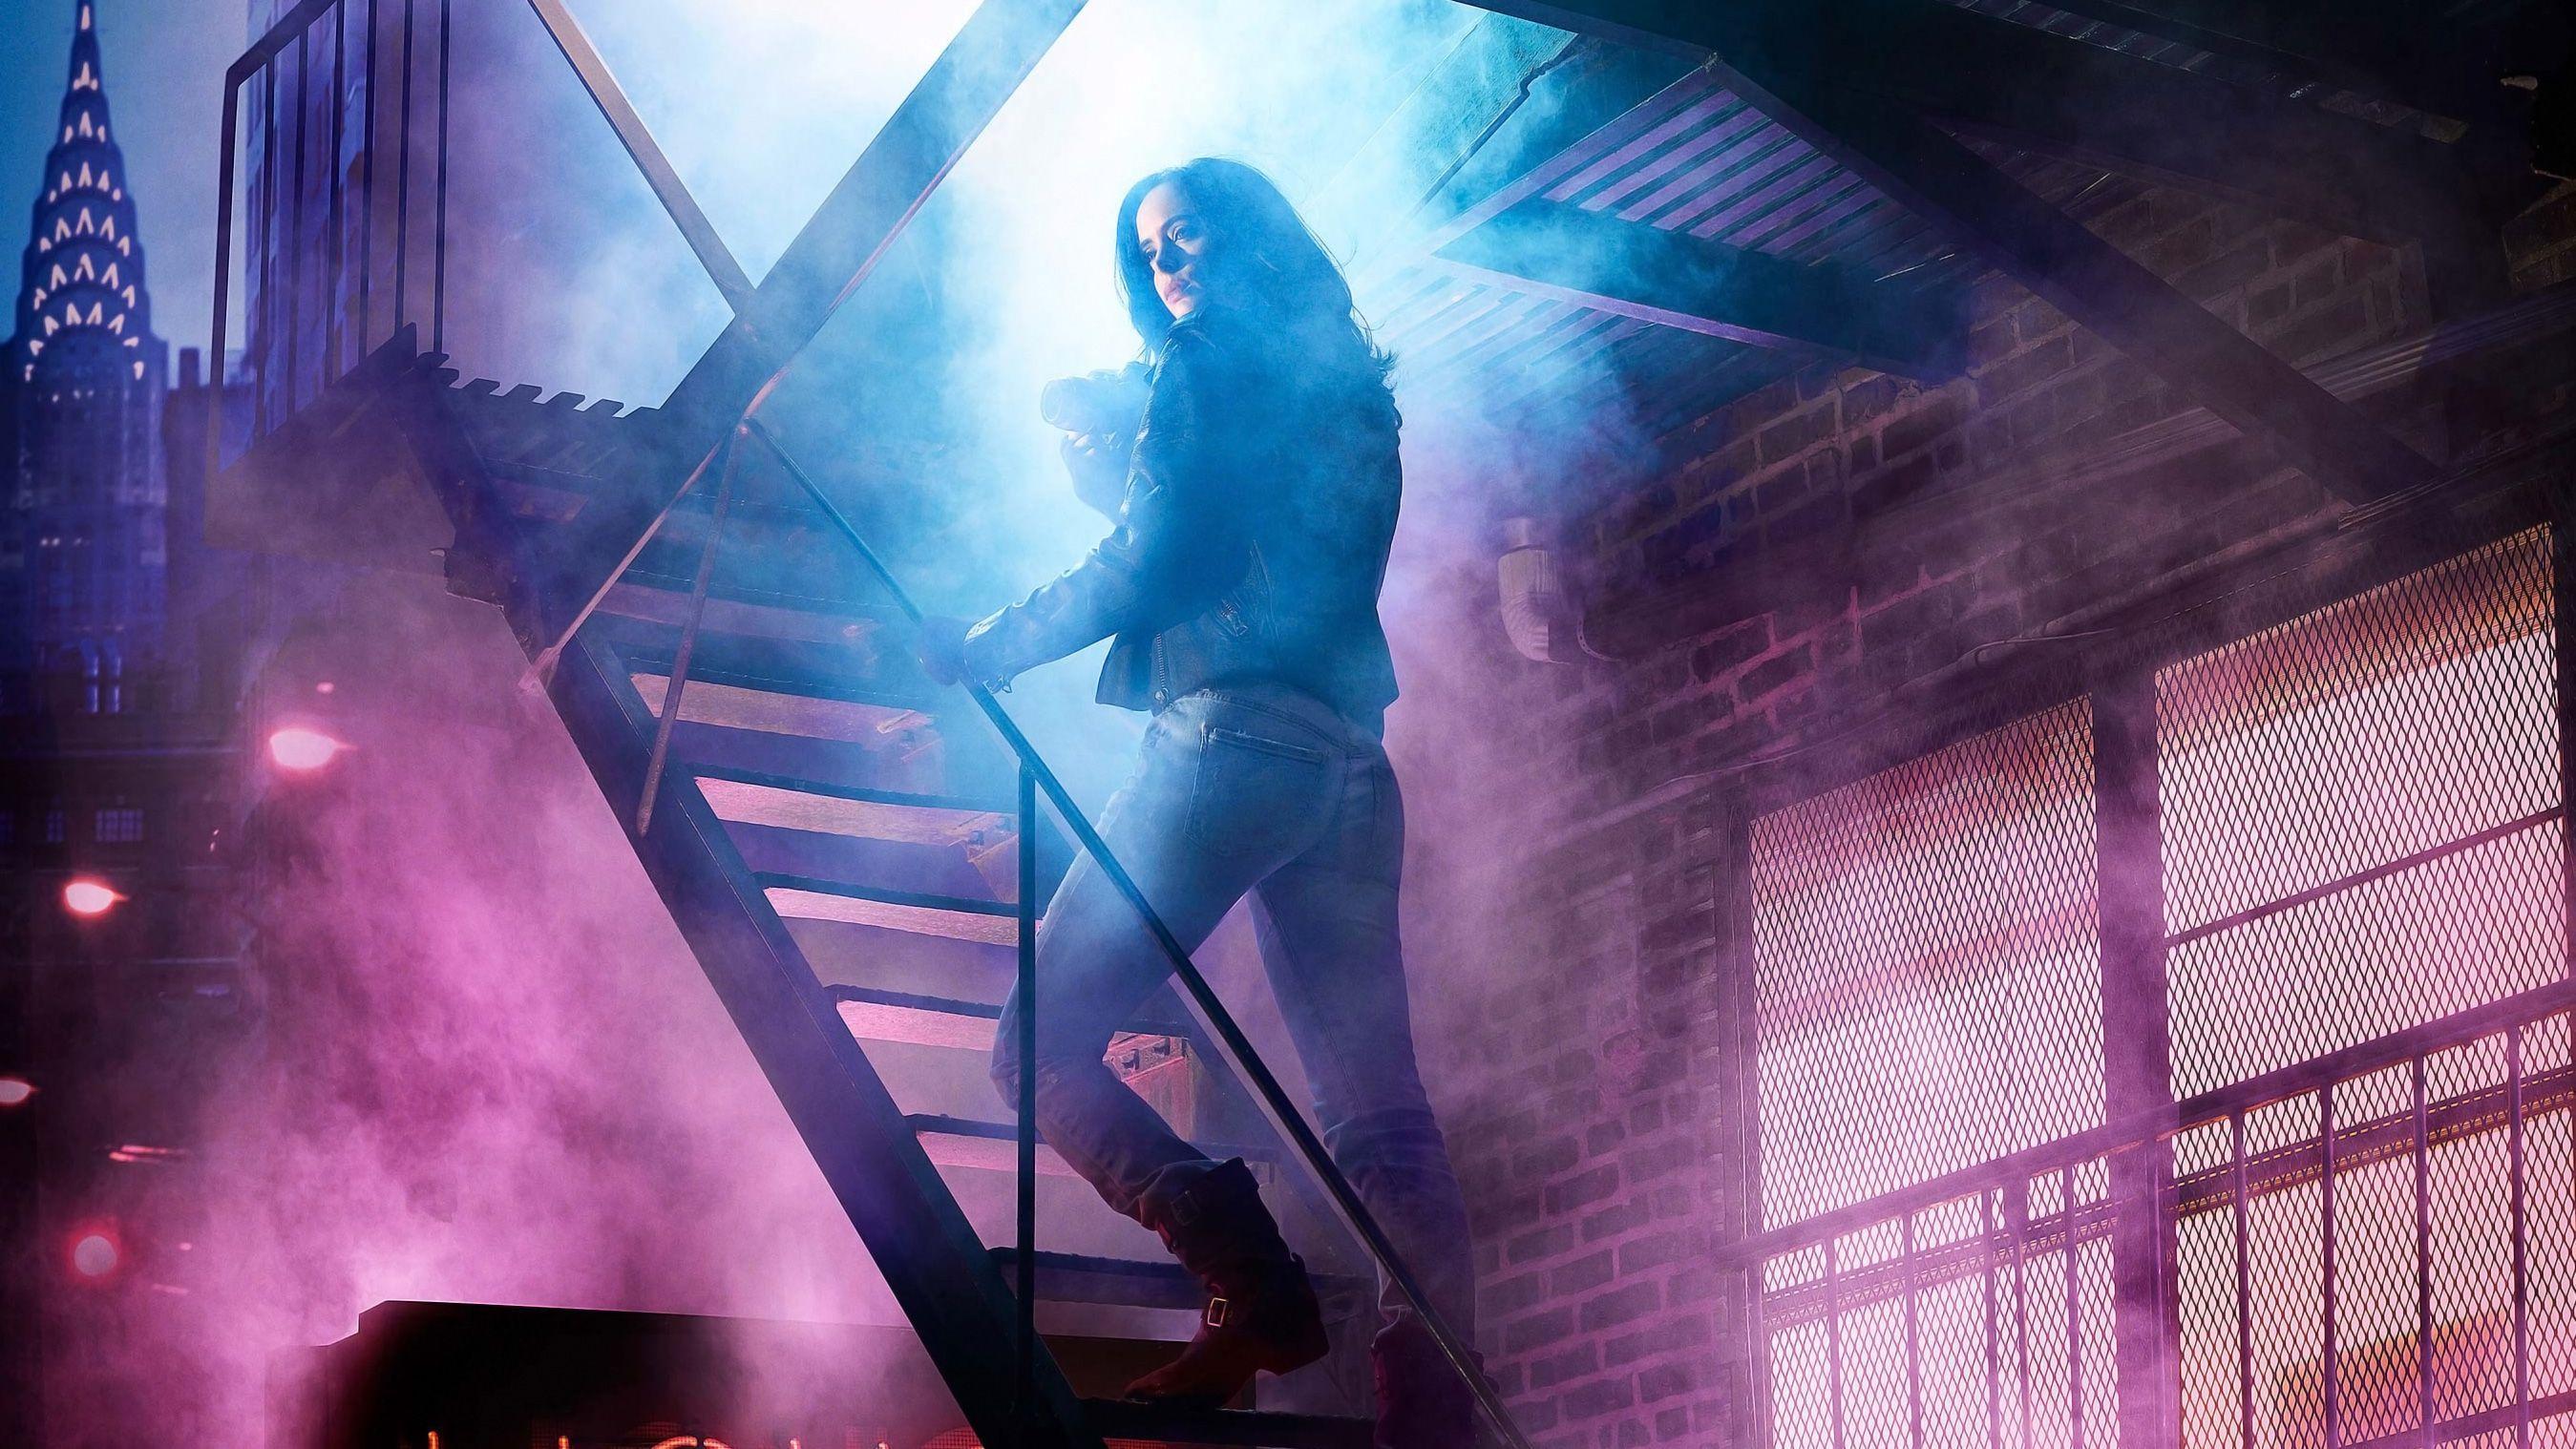 Wallpaper Krysten Ritter, Jessica Jones, The Defenders, HD, TV ...